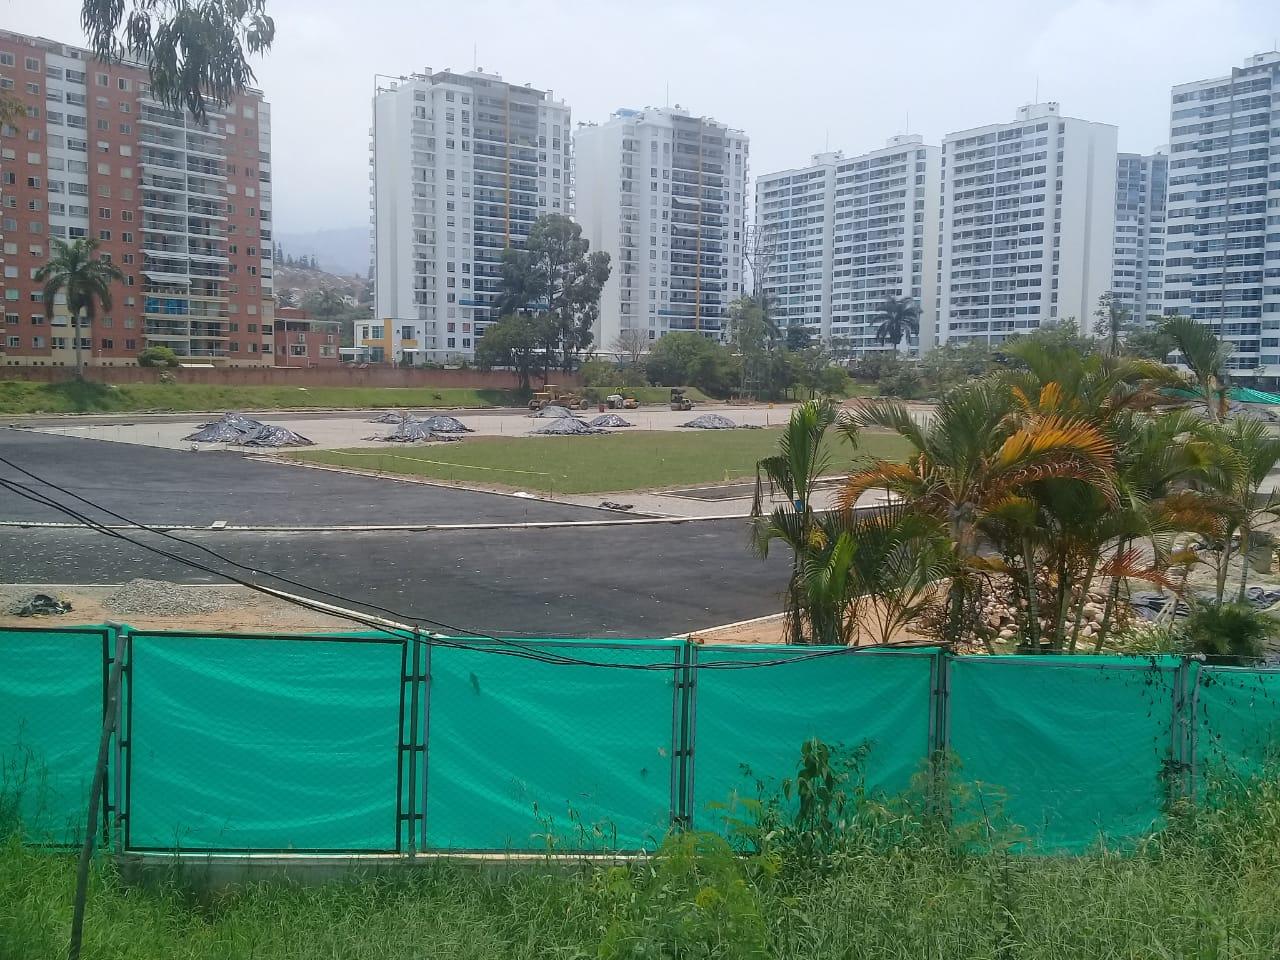 Nueva pista de atletismo ya está en Bucaramanga | Deportes | EL FRENTE